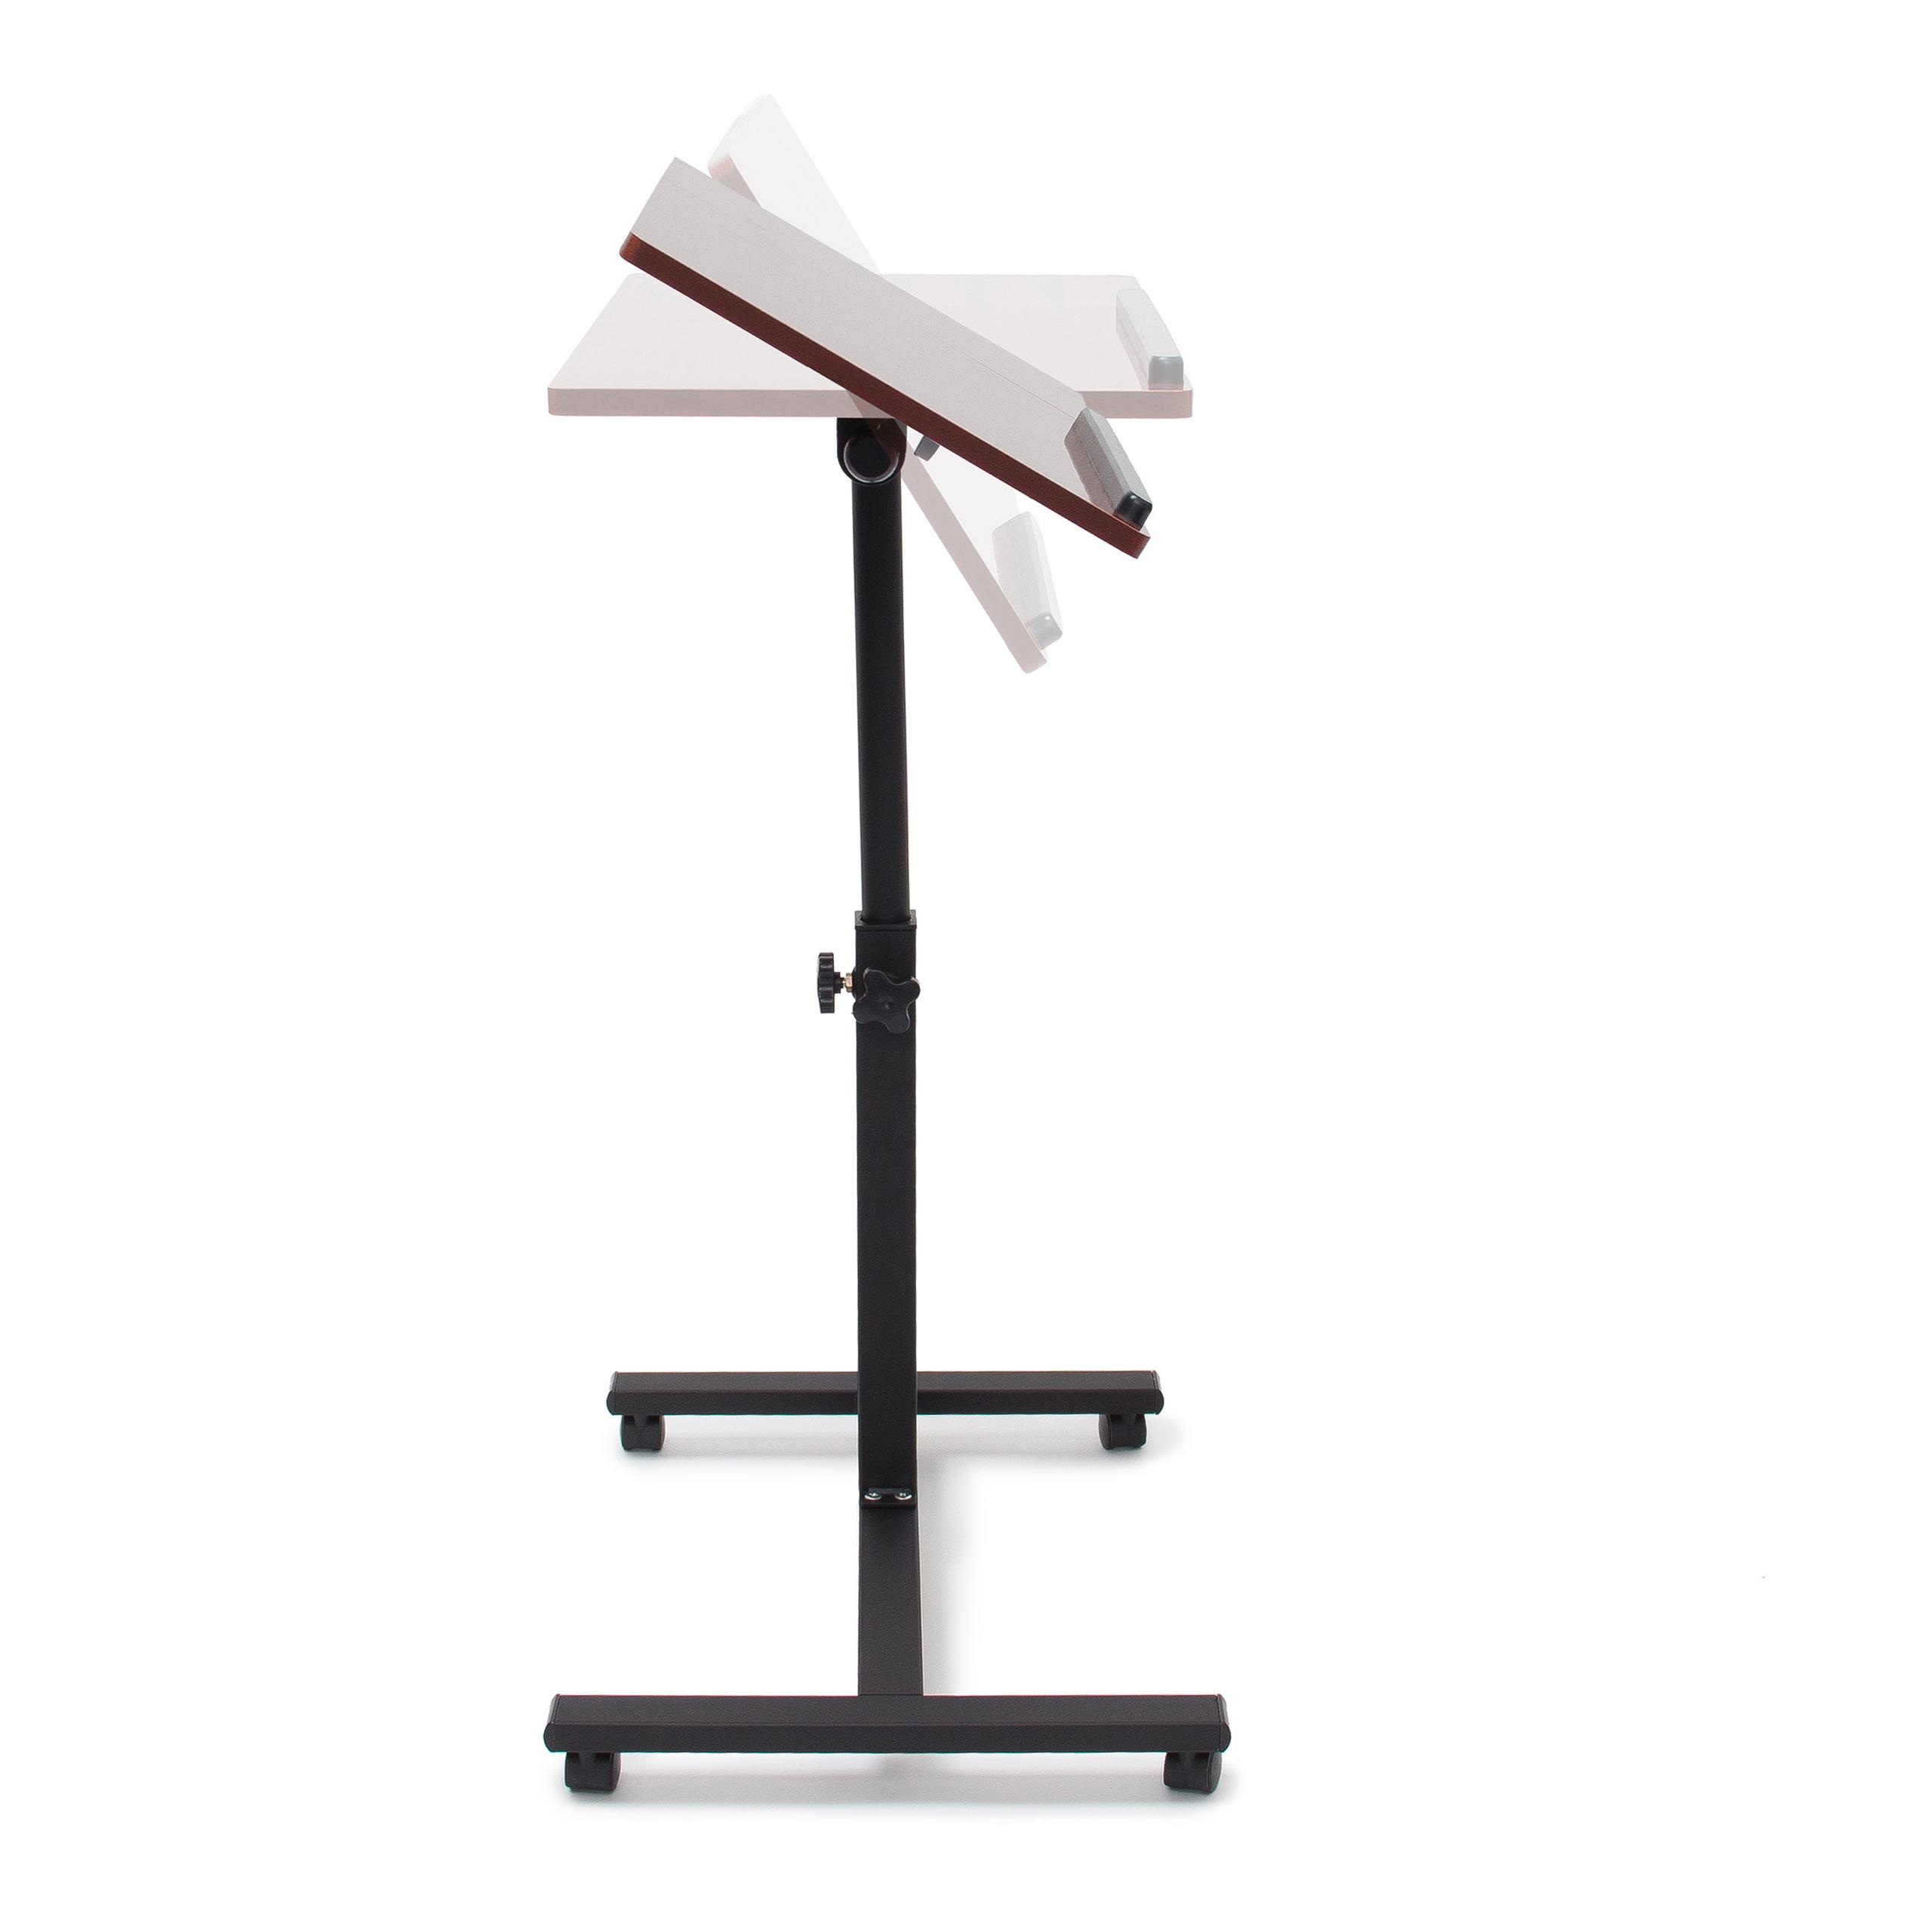 Laptoptisch höhenverstellbar Linkshänder Notebook Ständer Sofa Tisch Rollen Holz